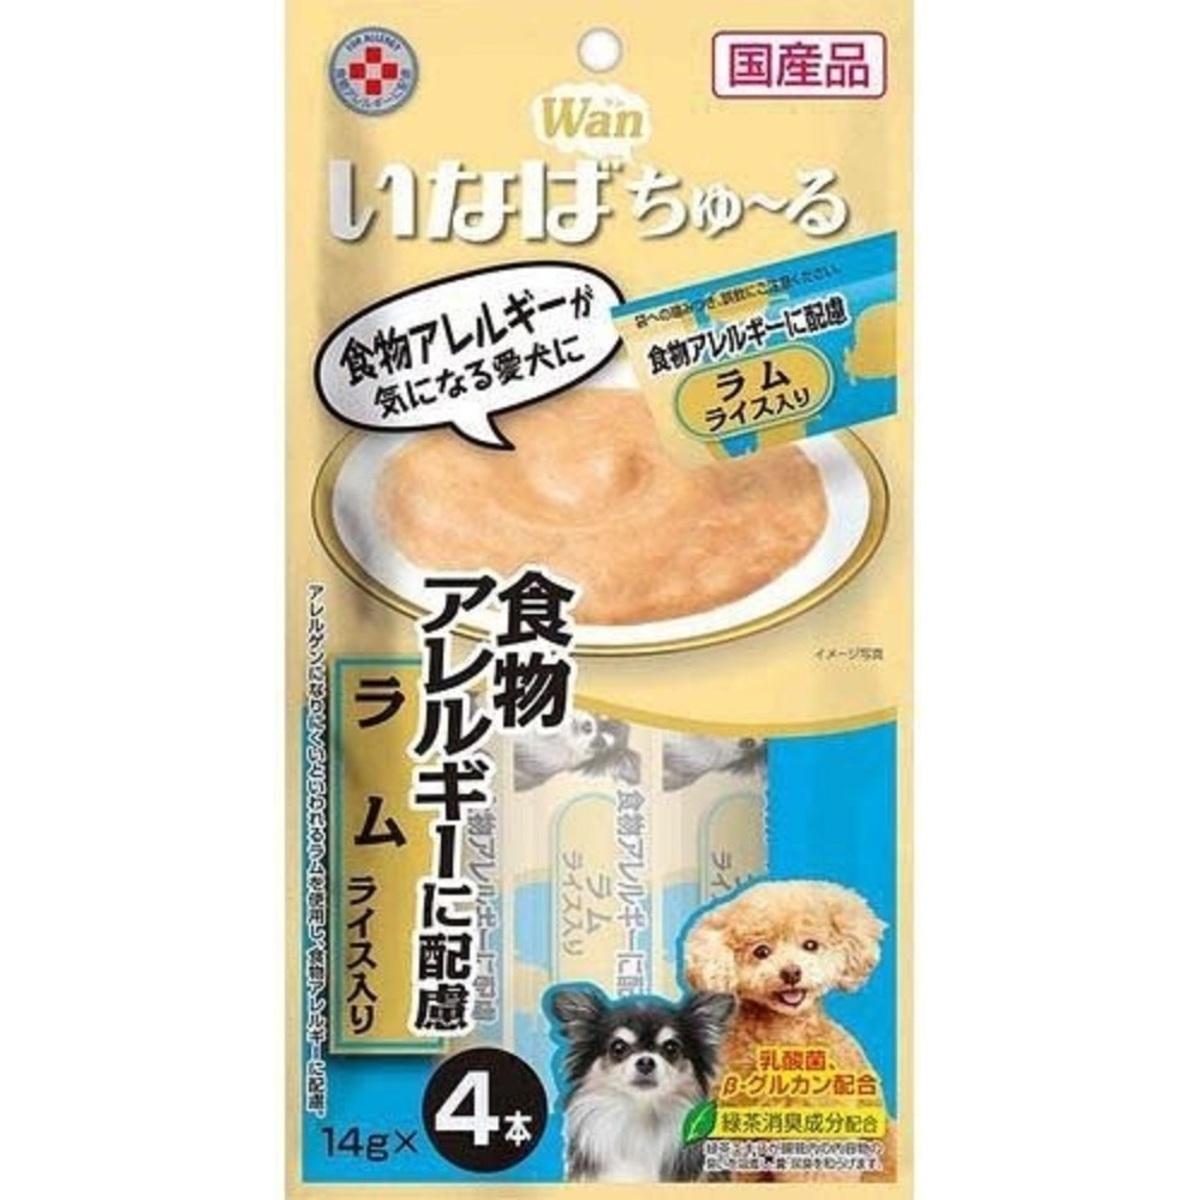 店内全品送料無料!1あたり363.4円 いなば wanちゅーる 食物アレルギーに配慮 ラムライス 犬用 14g×4×6入